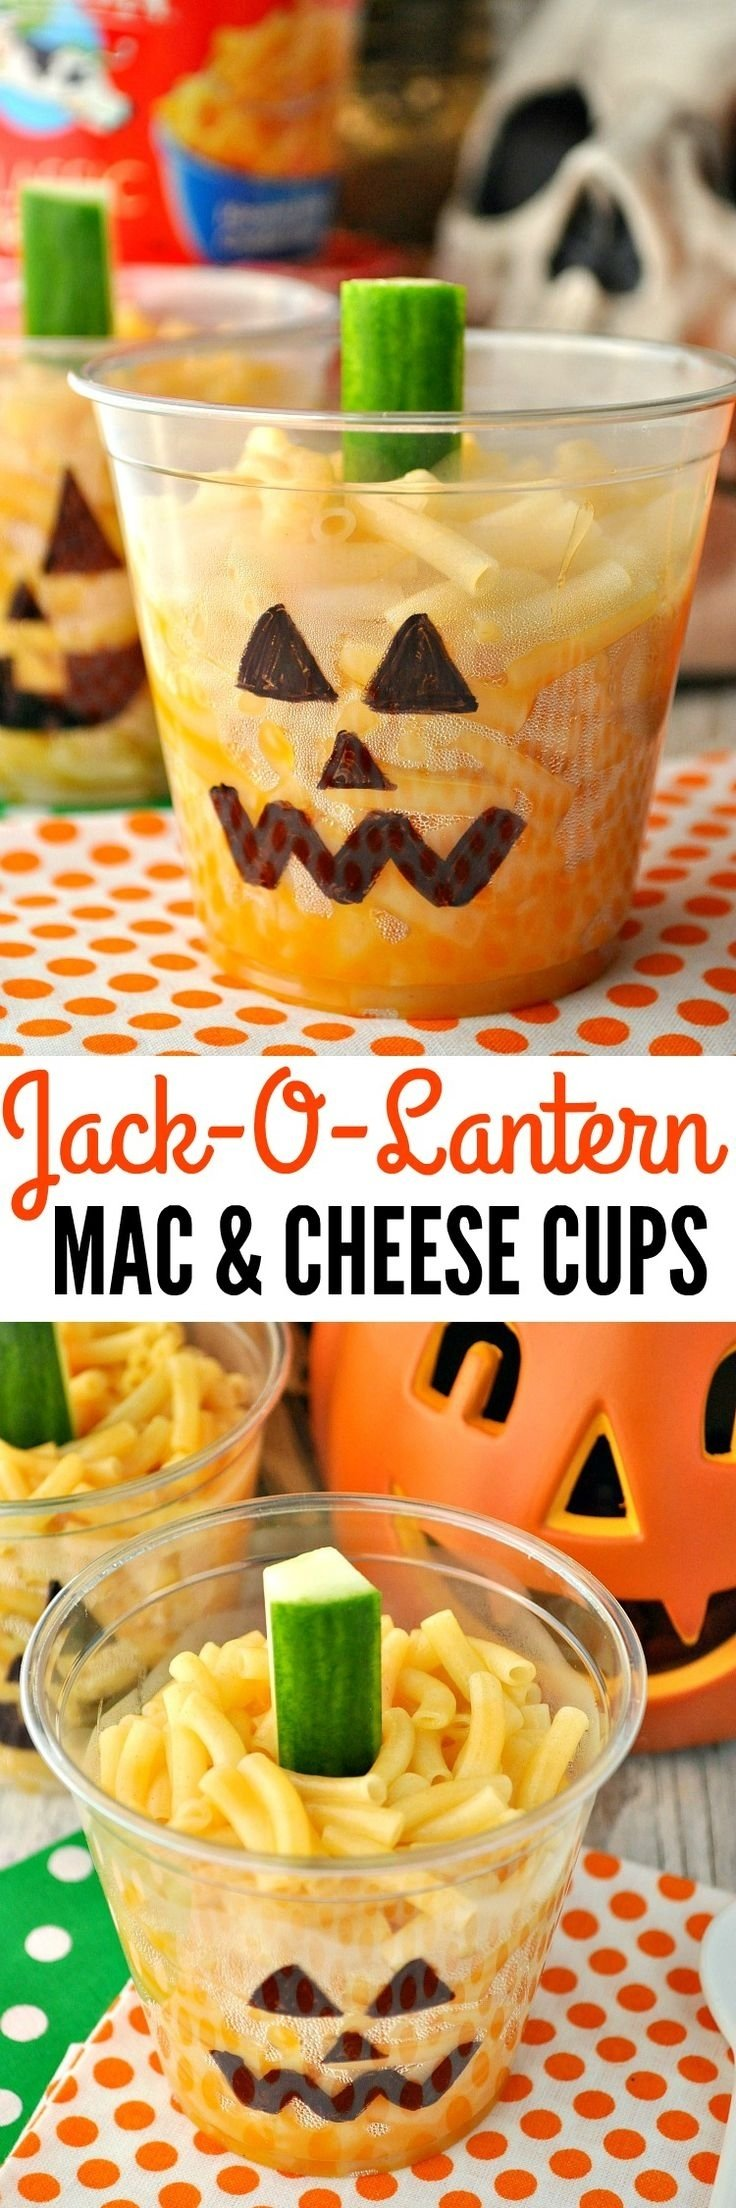 10 Stylish Halloween Food Ideas For Kids Party les 16 meilleures images du tableau halloween party sur pinterest 2020